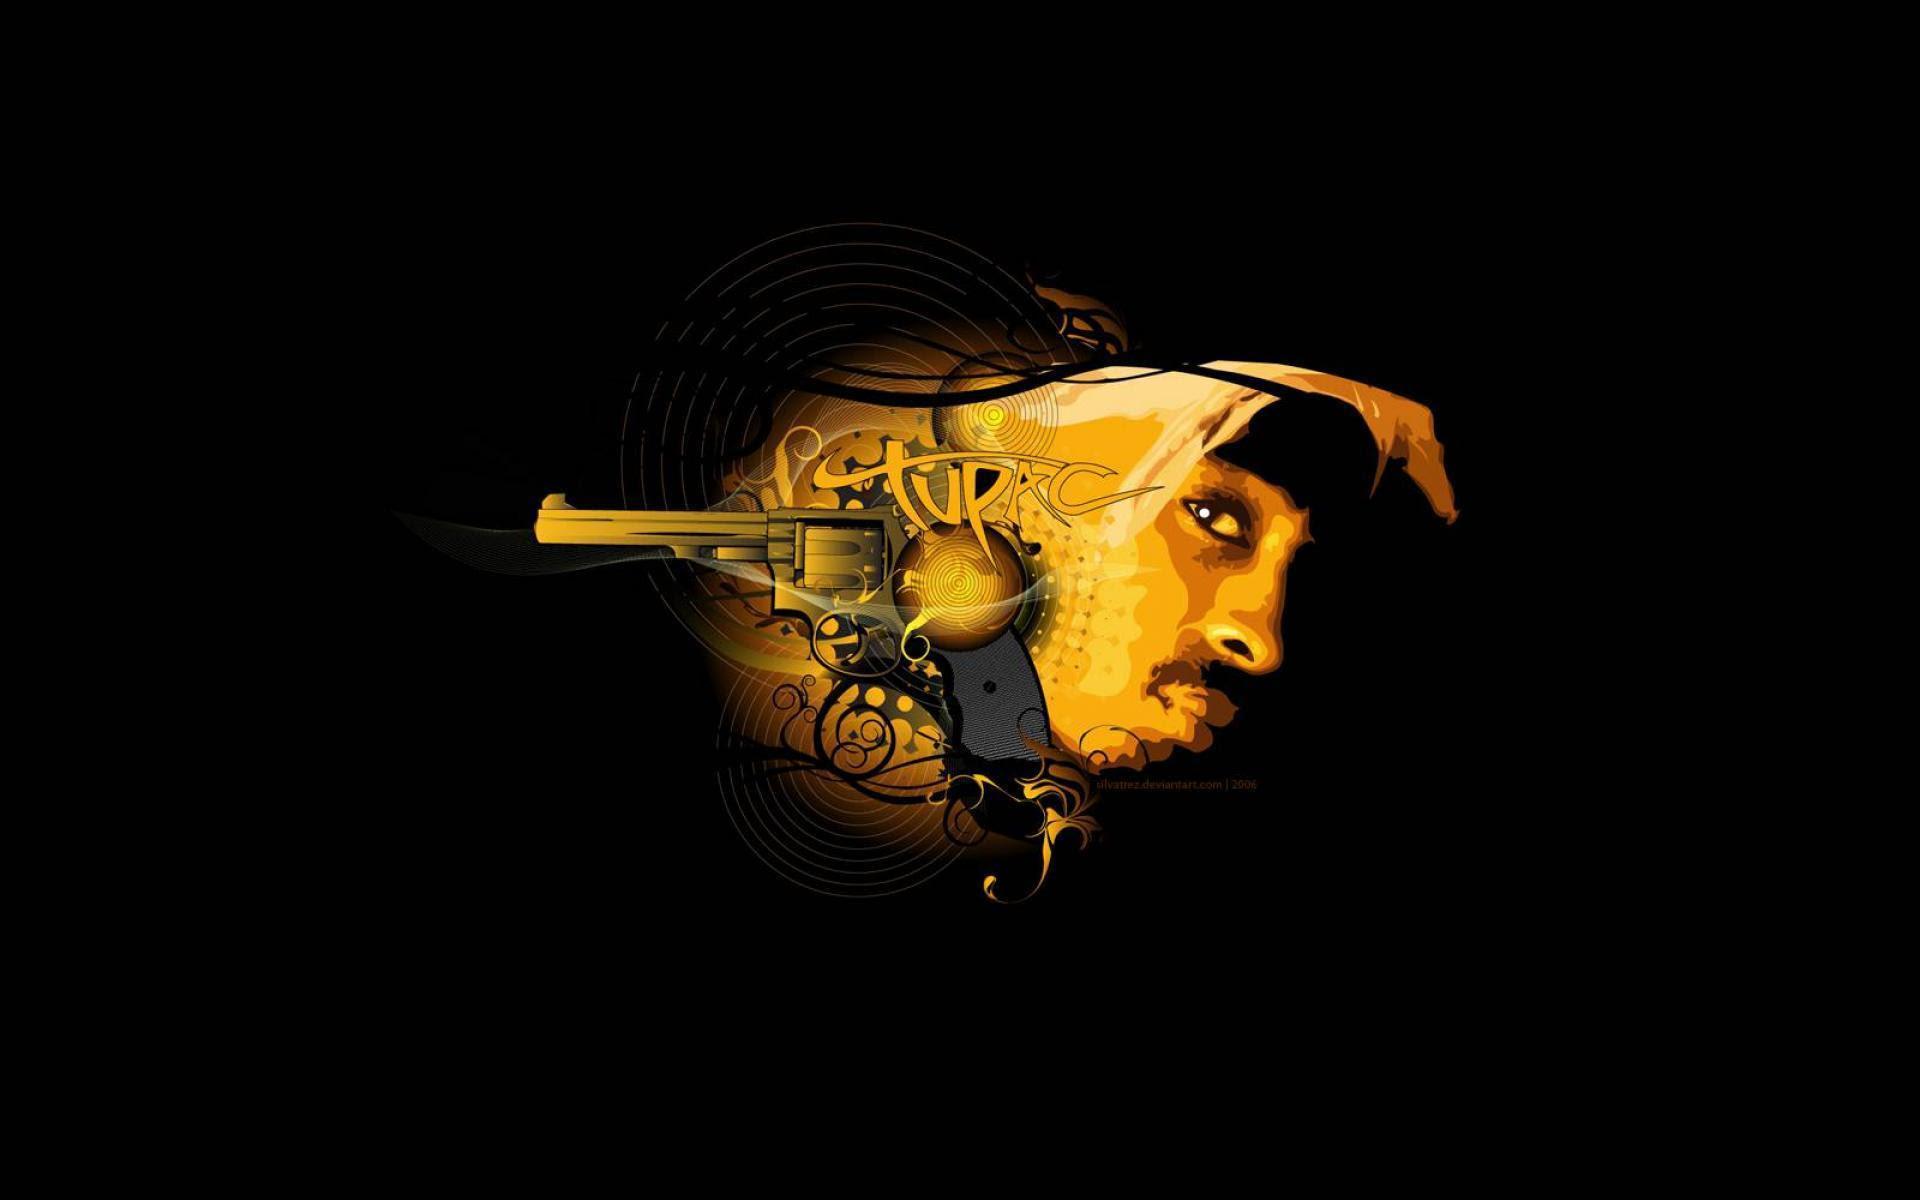 Tupac Shakur Wallpapers - Wallpaper Cave